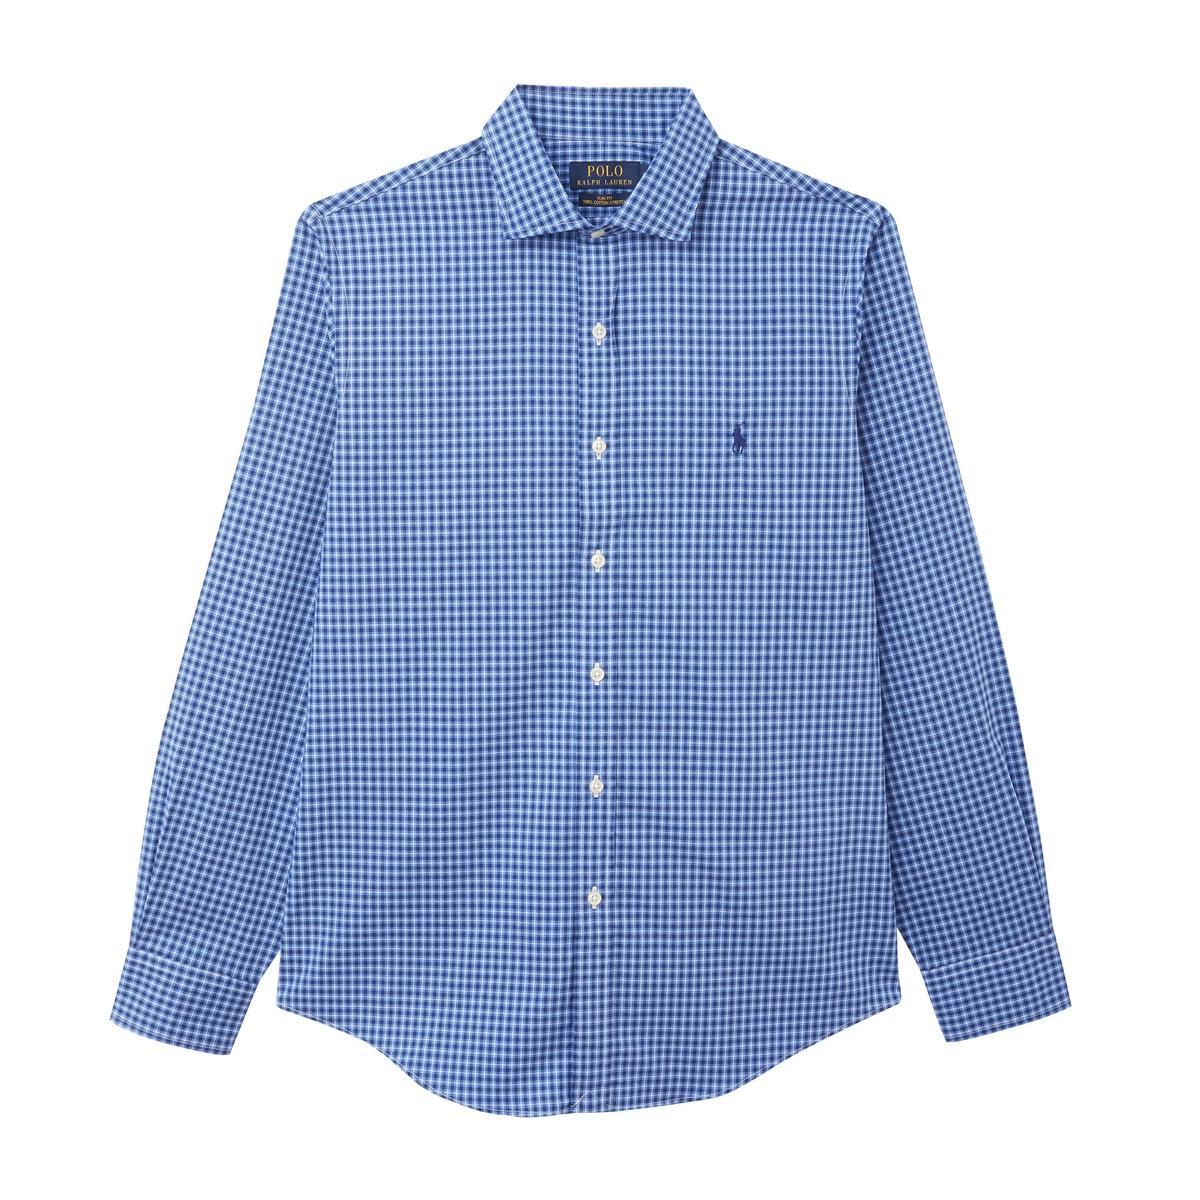 где купить Рубашка La Redoute Слим из поплина стрейч в клетку S синий дешево